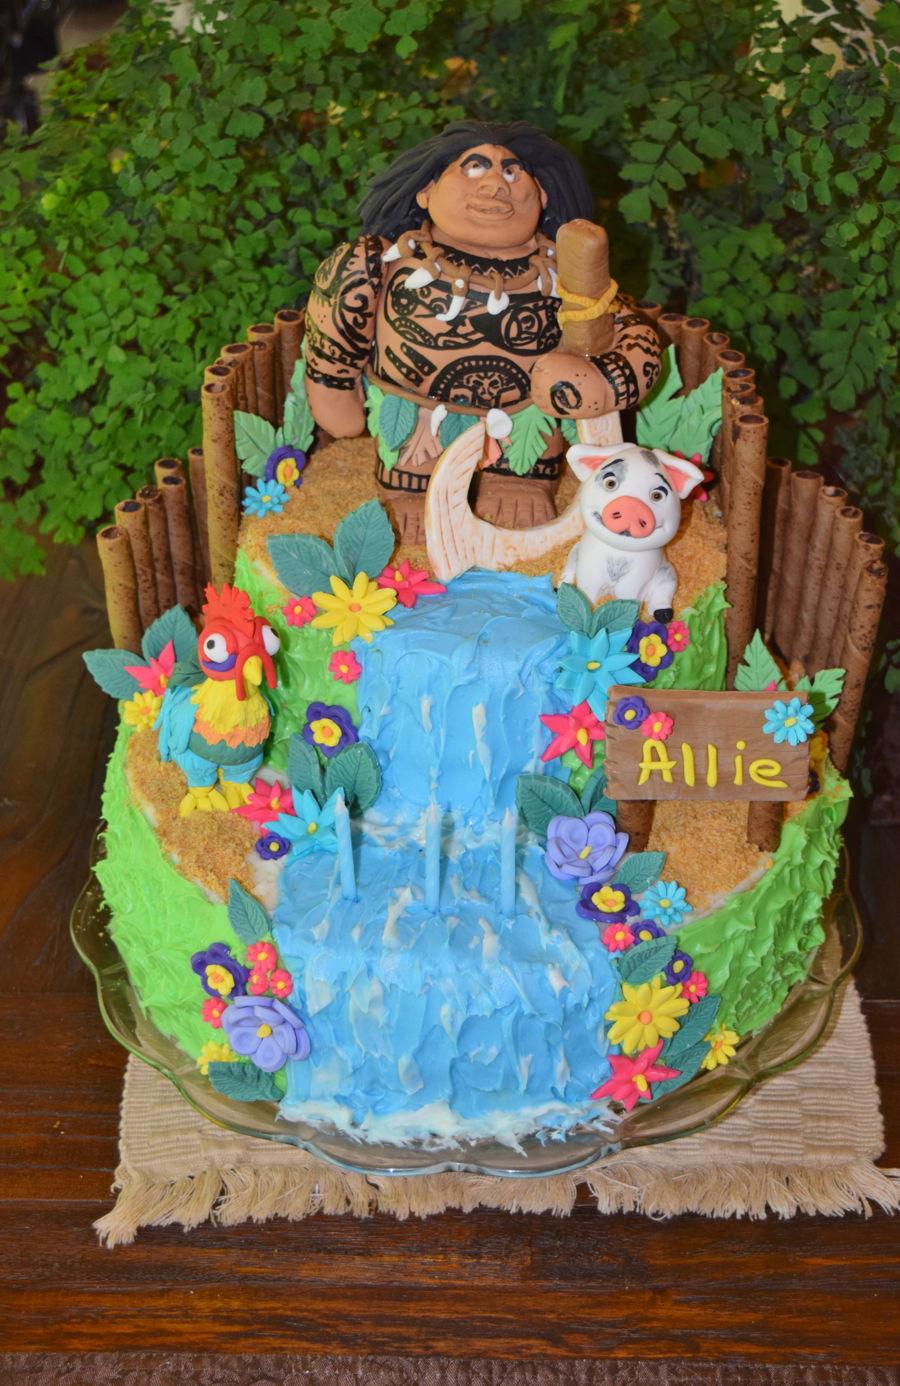 Moana Maui Birthday Cake CakeCentralcom - Maui birthday cakes